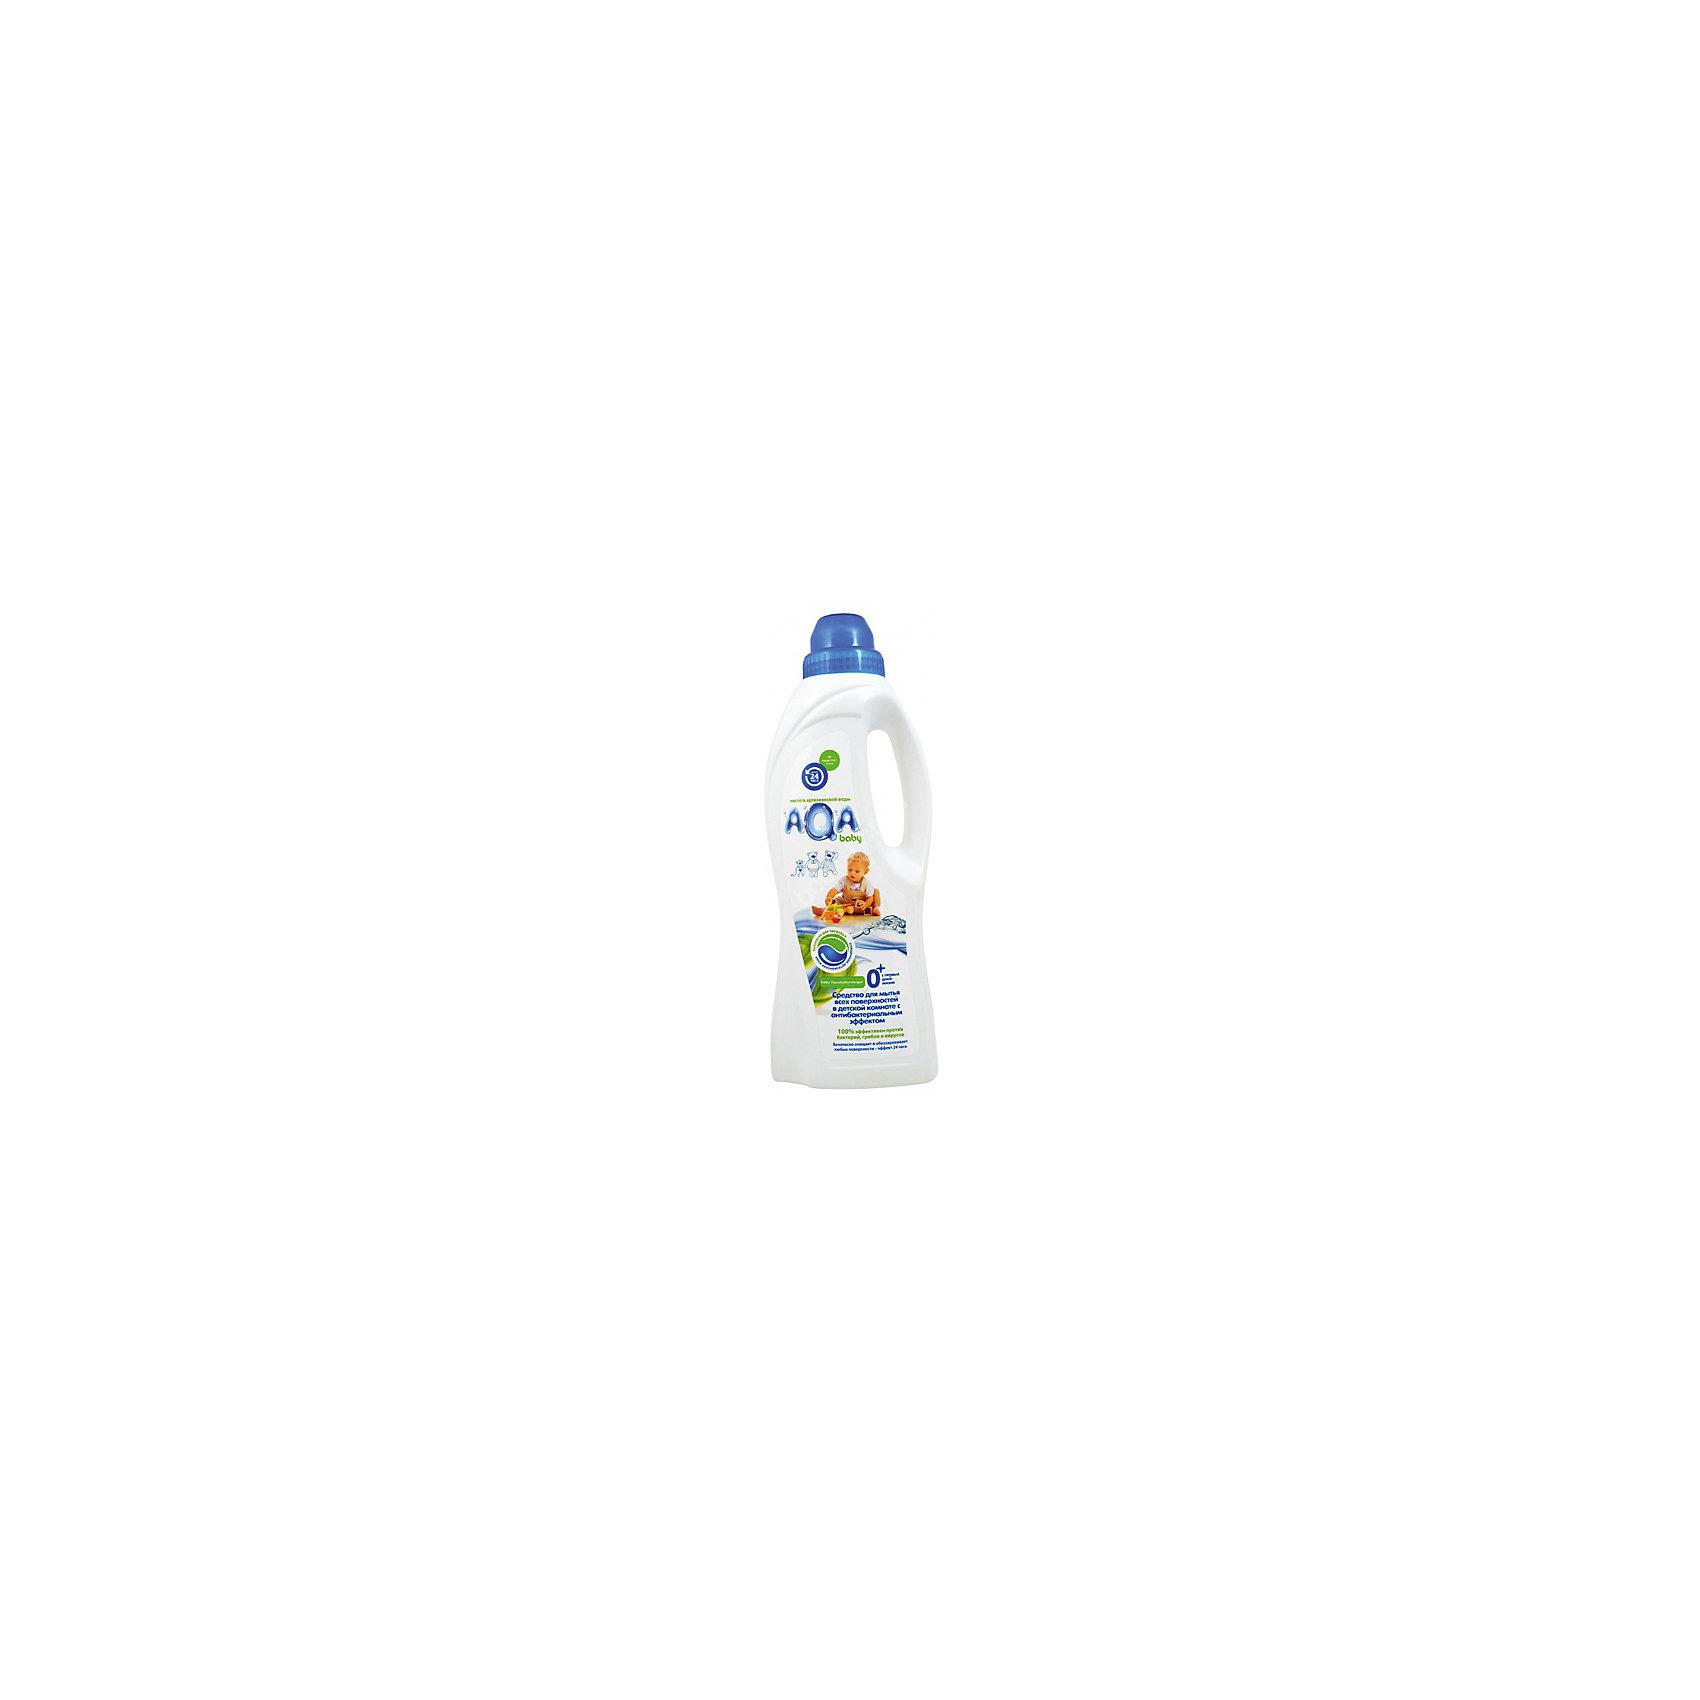 Средство для мытья всех поверхностей в детской комнате с антибактериальным эффектом, AQA baby